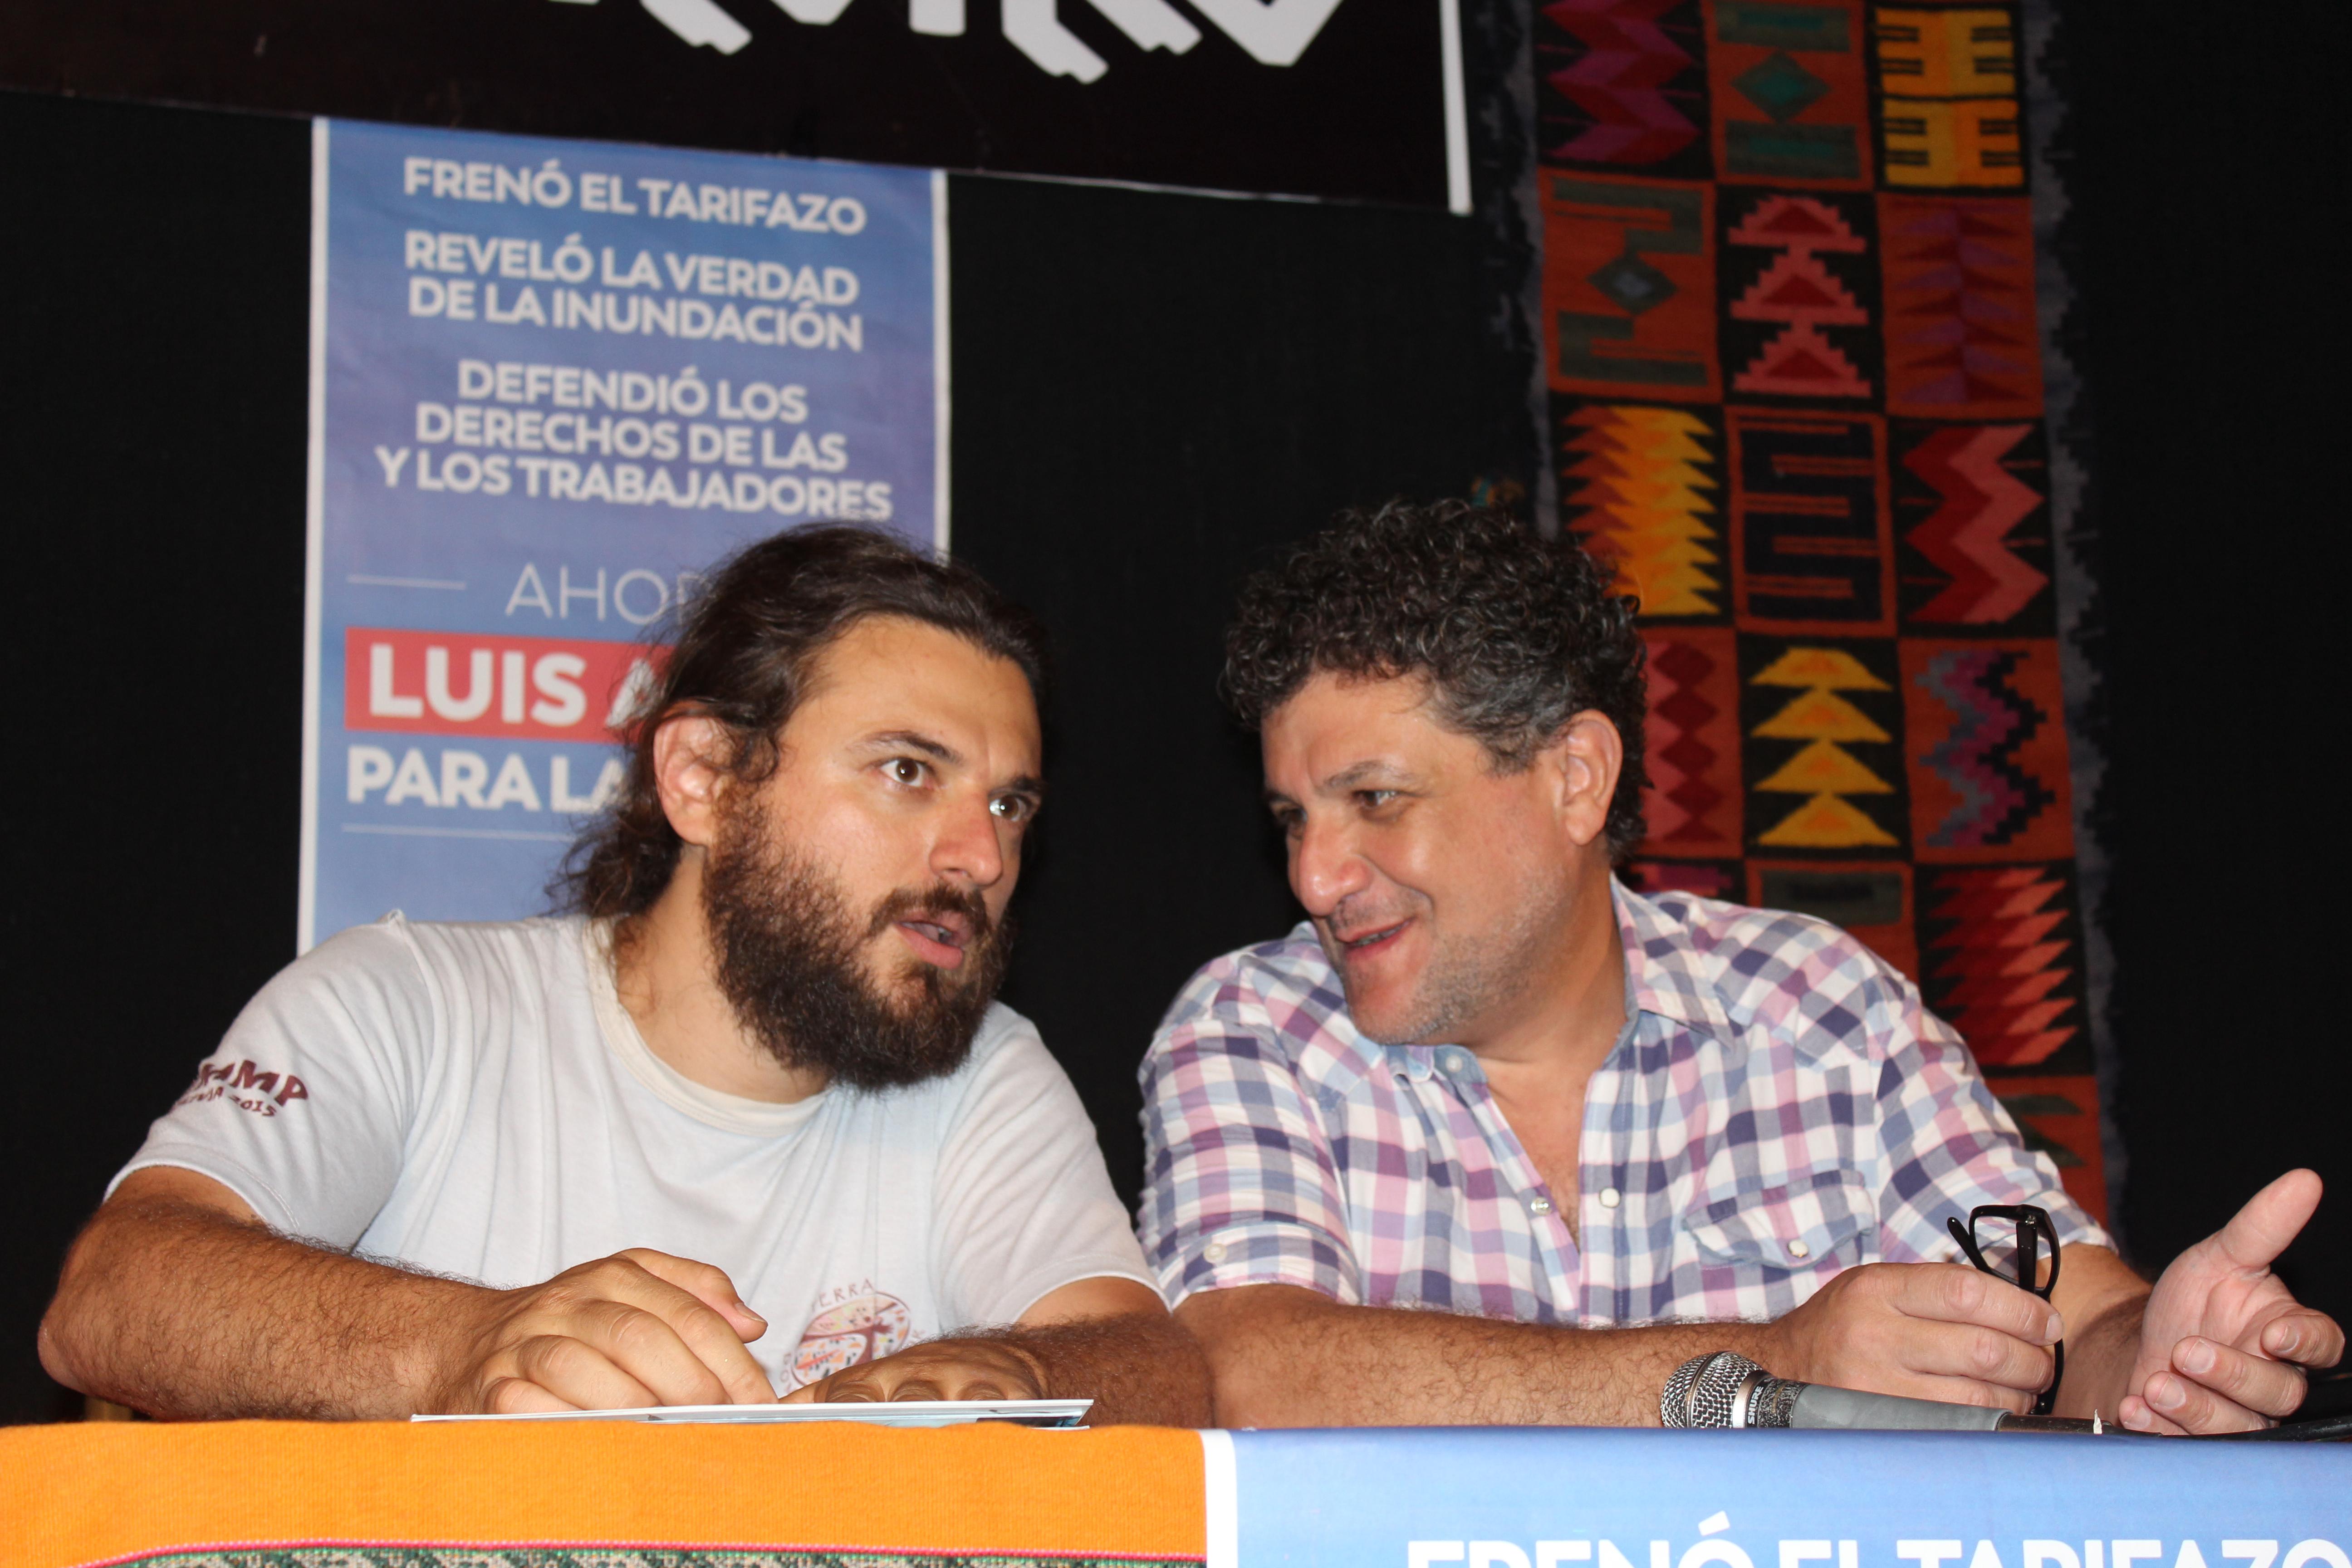 El ex Juez Arias lanzó su candidatura a intendente de La Plata junto al dirigente social Juan Grabois y pidió por CFK presidenta